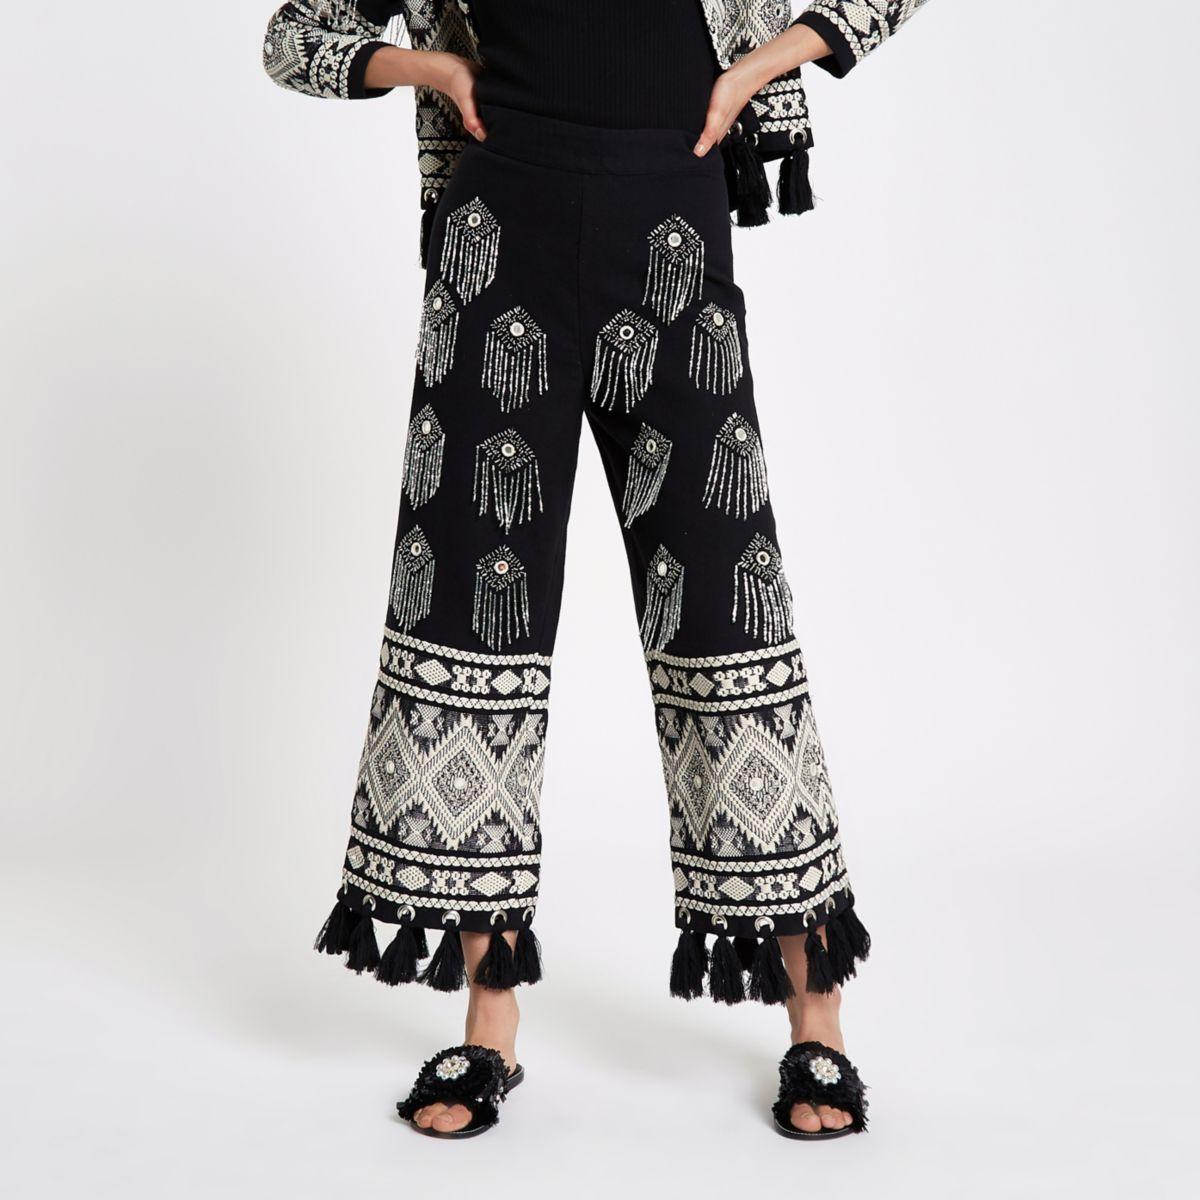 Black Embellished Tassel Hem Culottes                                    Black Embroidered Tassel Jacket by River Island